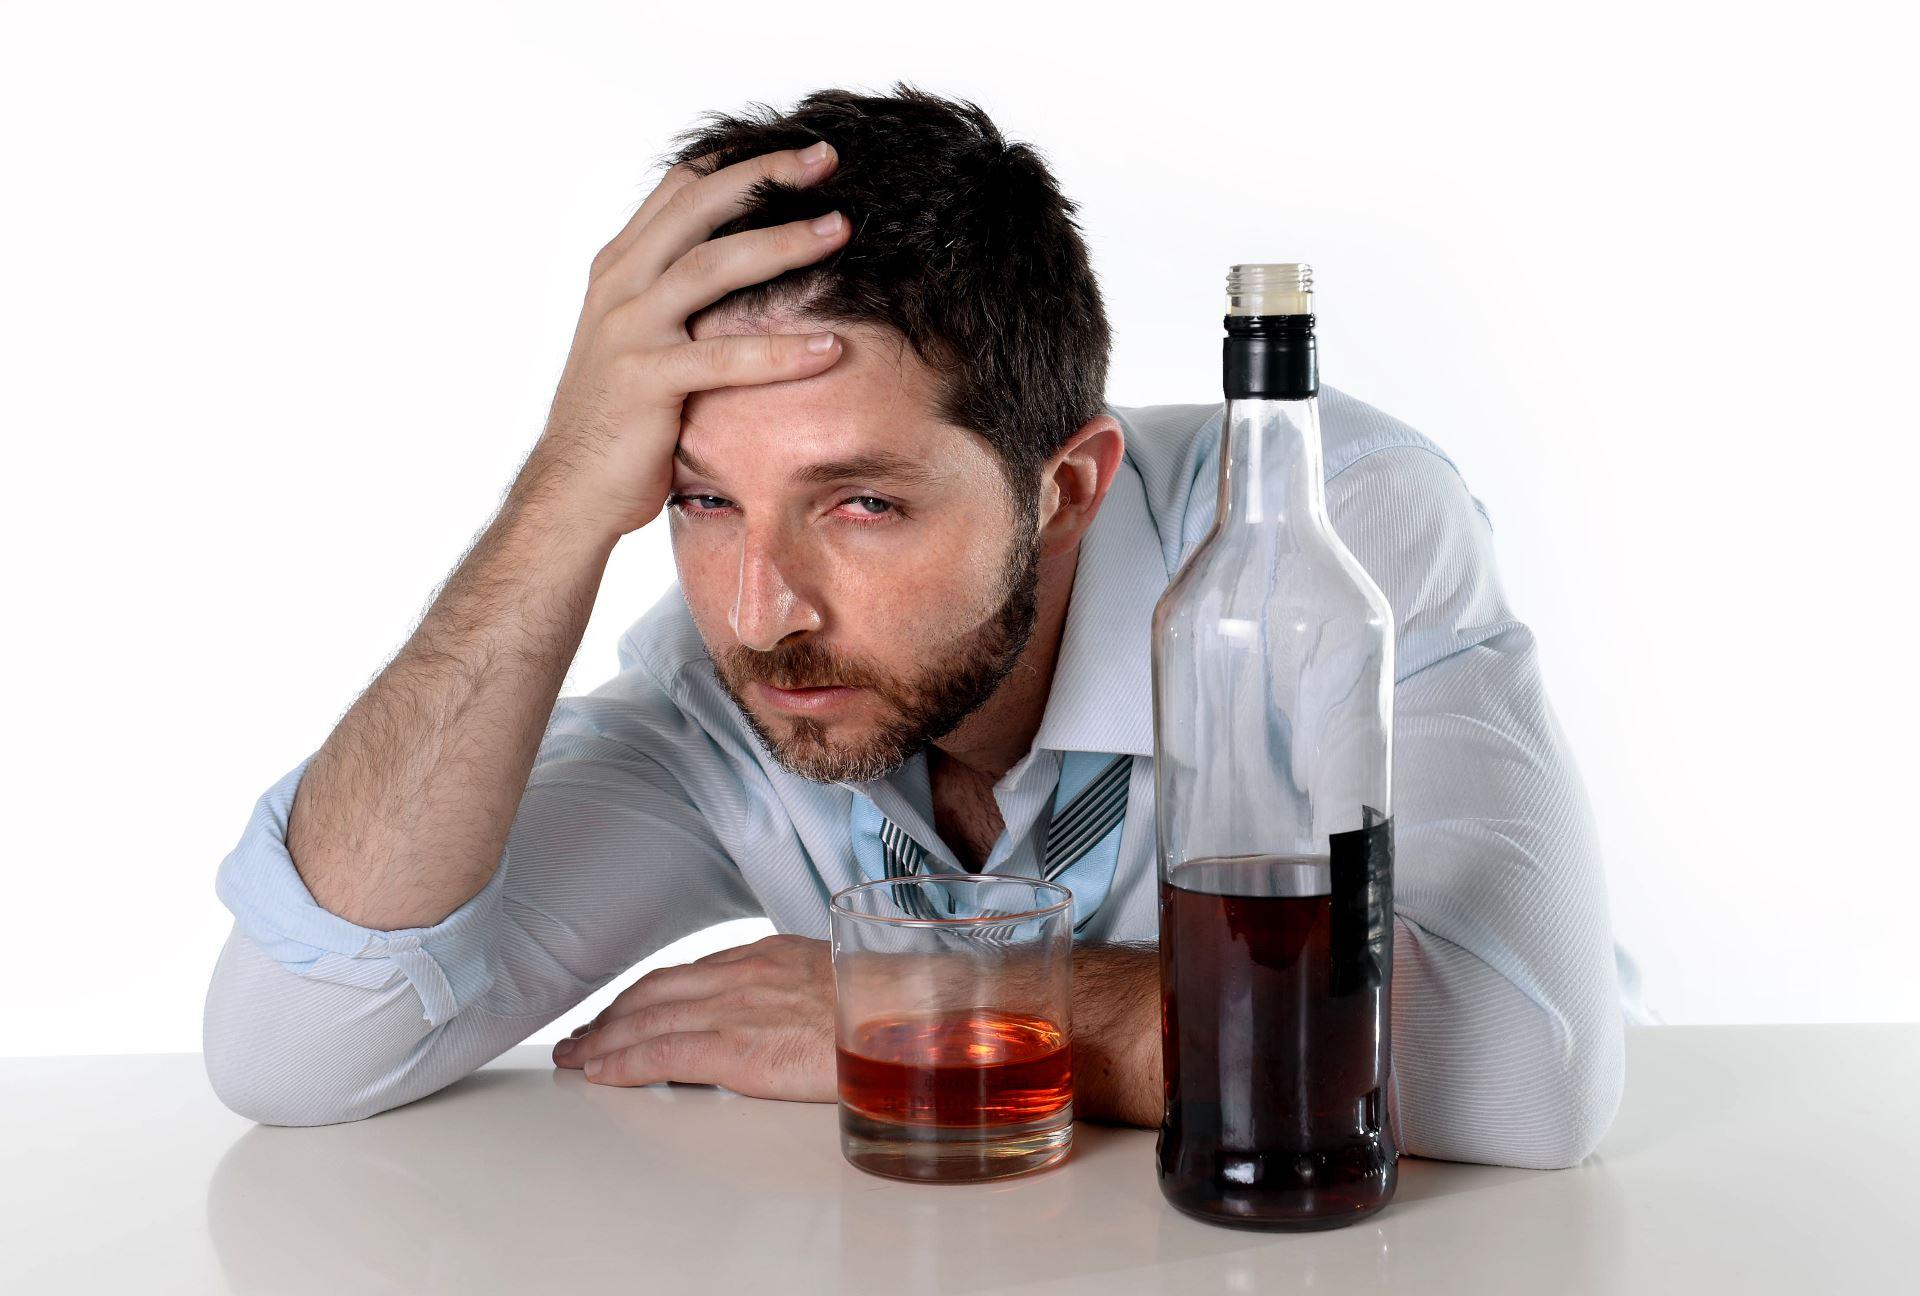 Как сделать чтобы человек не пил кодирование